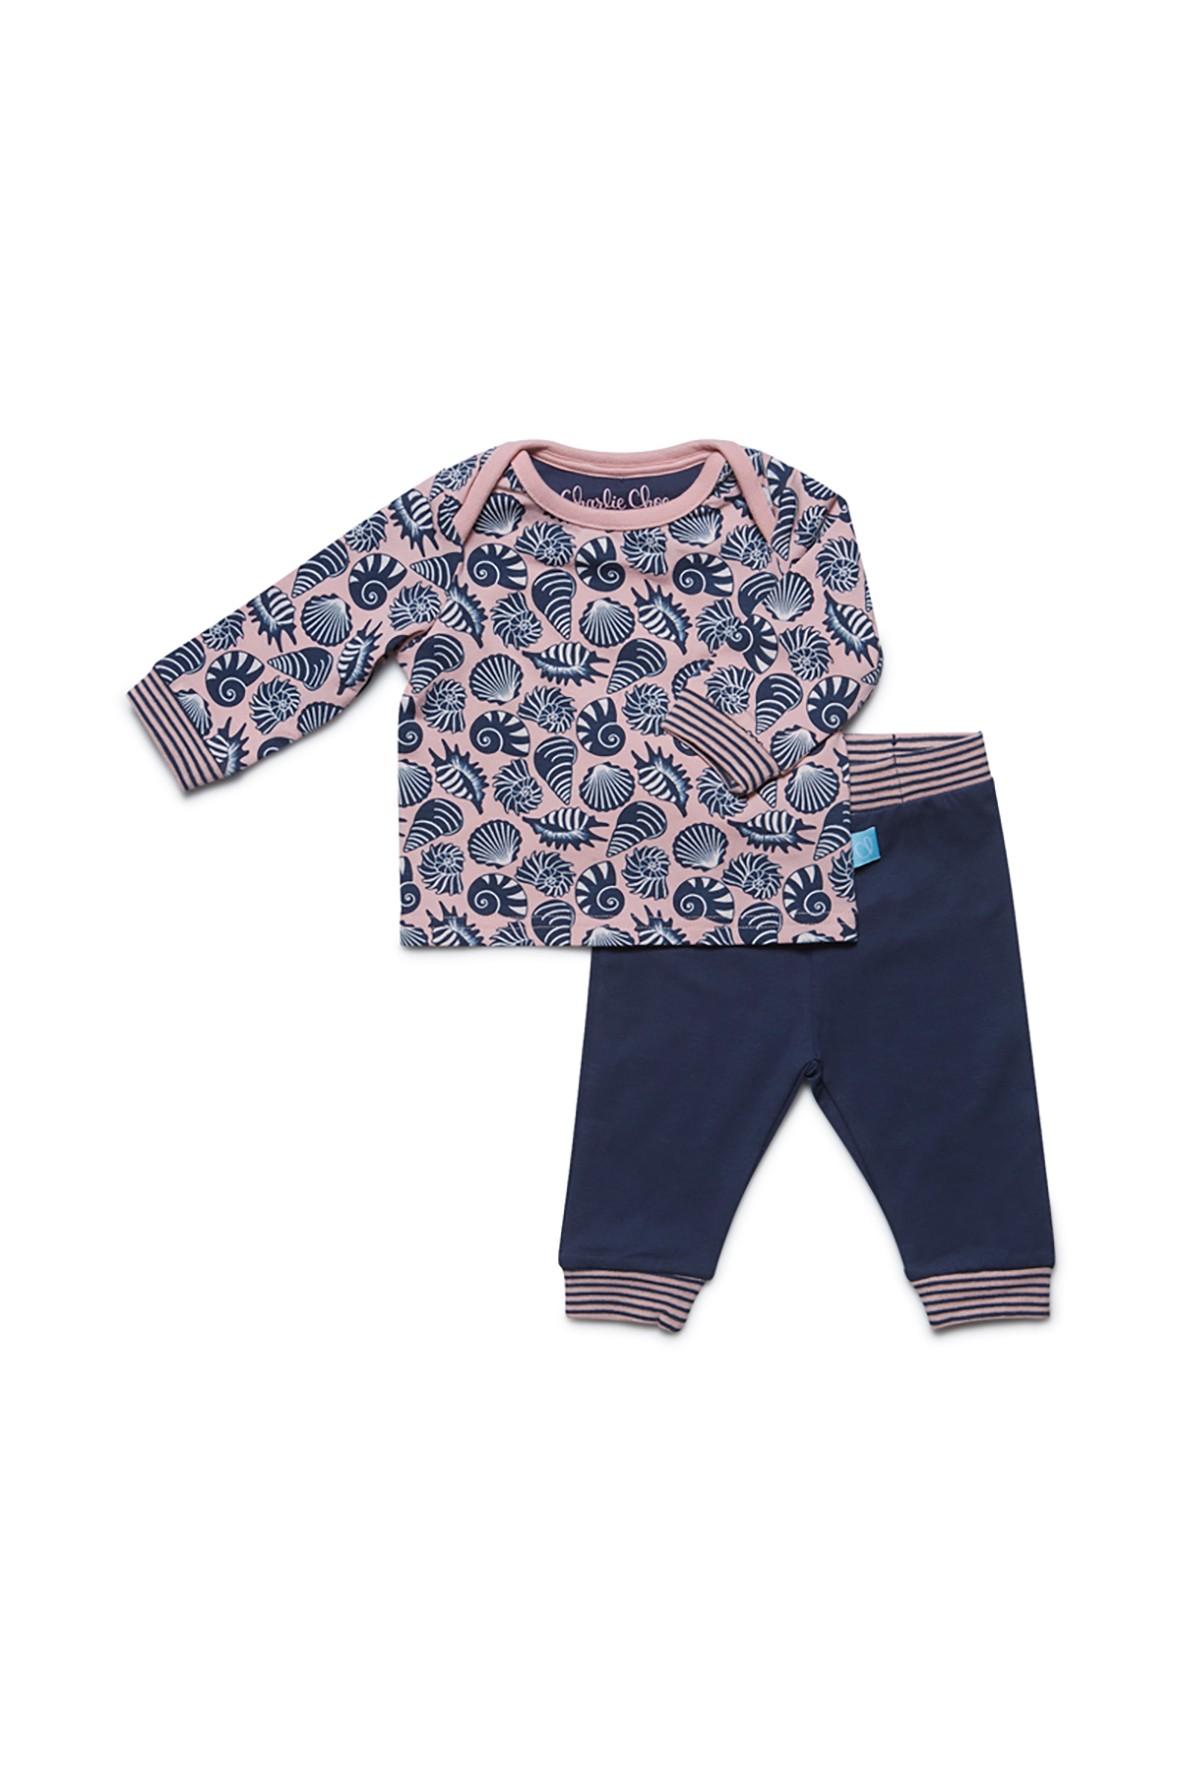 Komplet niemowlęcy - bluzka i legginsy